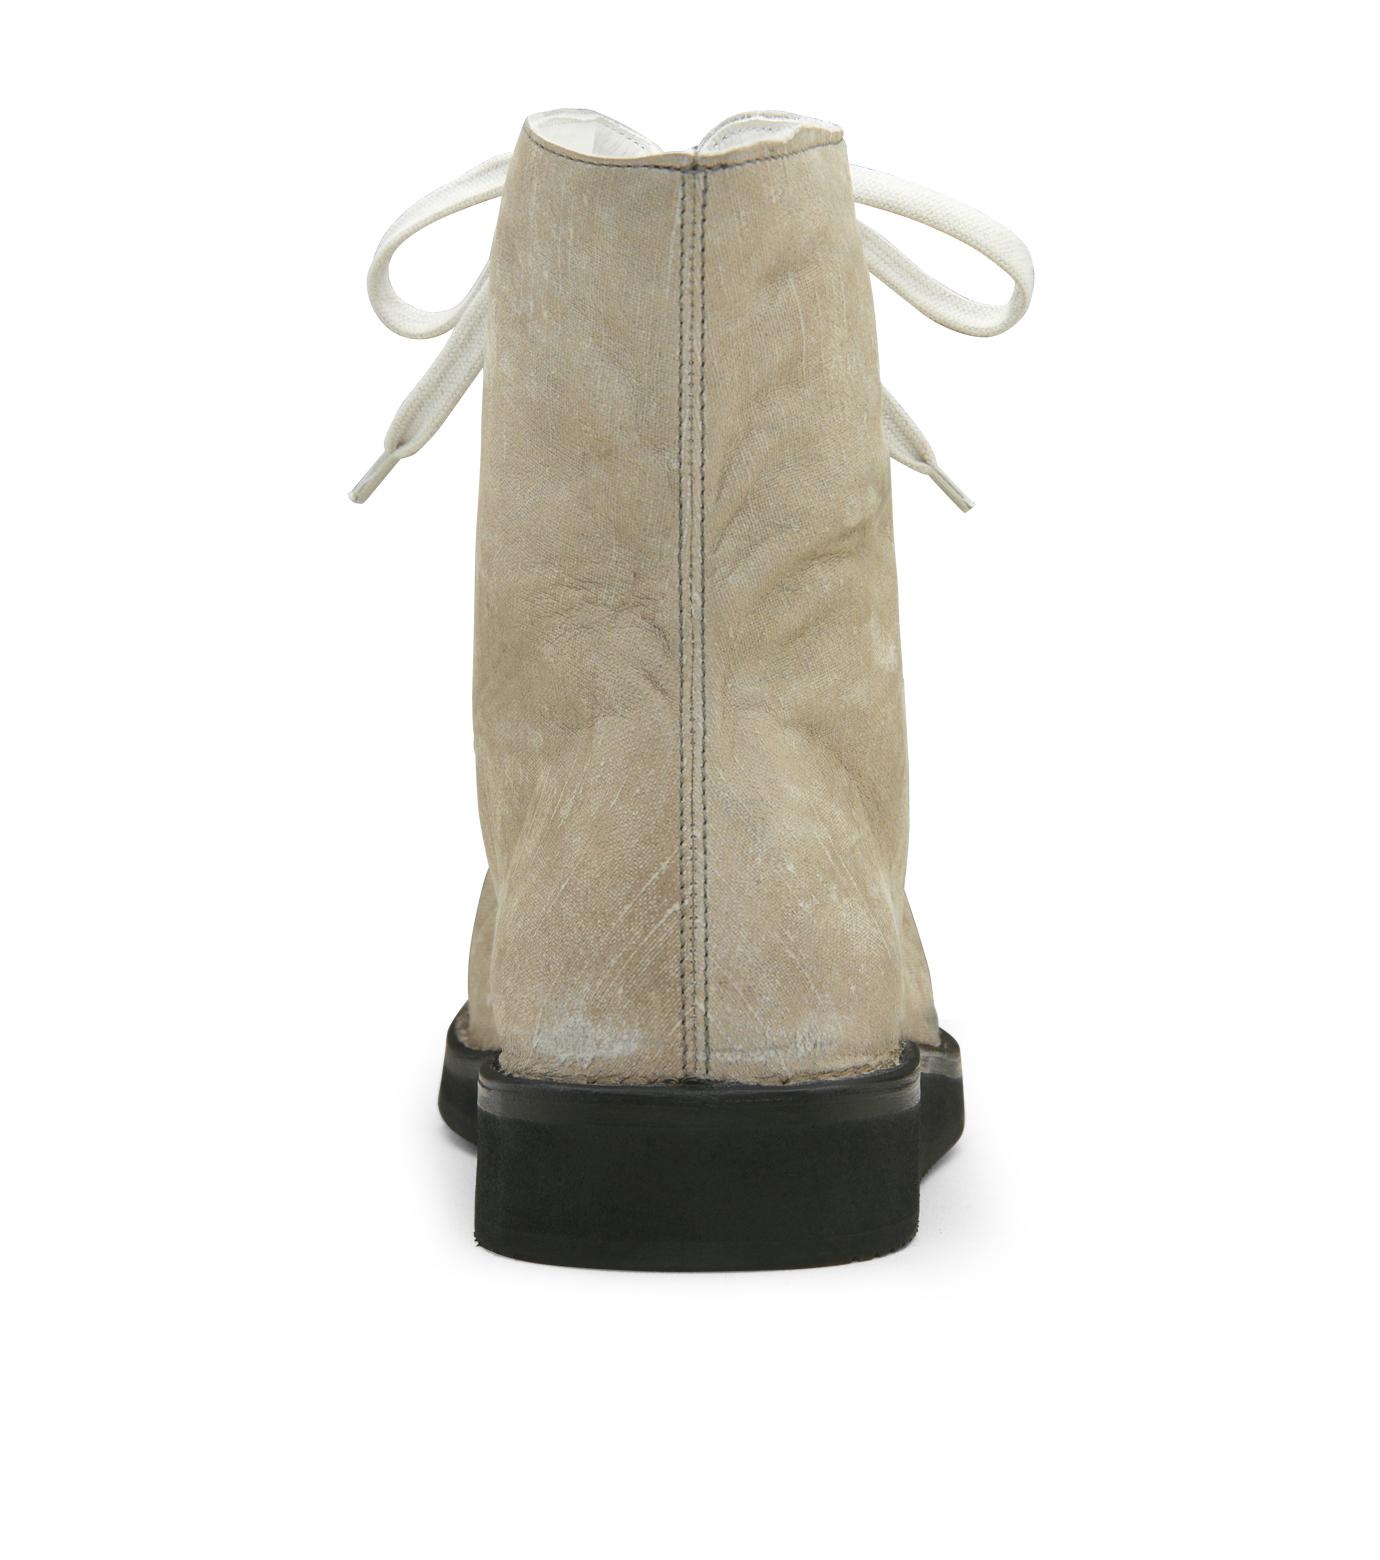 Kris Van Assche(クリスヴァンアッシュ)のLace Up Boots-GRAY-K2793 拡大詳細画像3